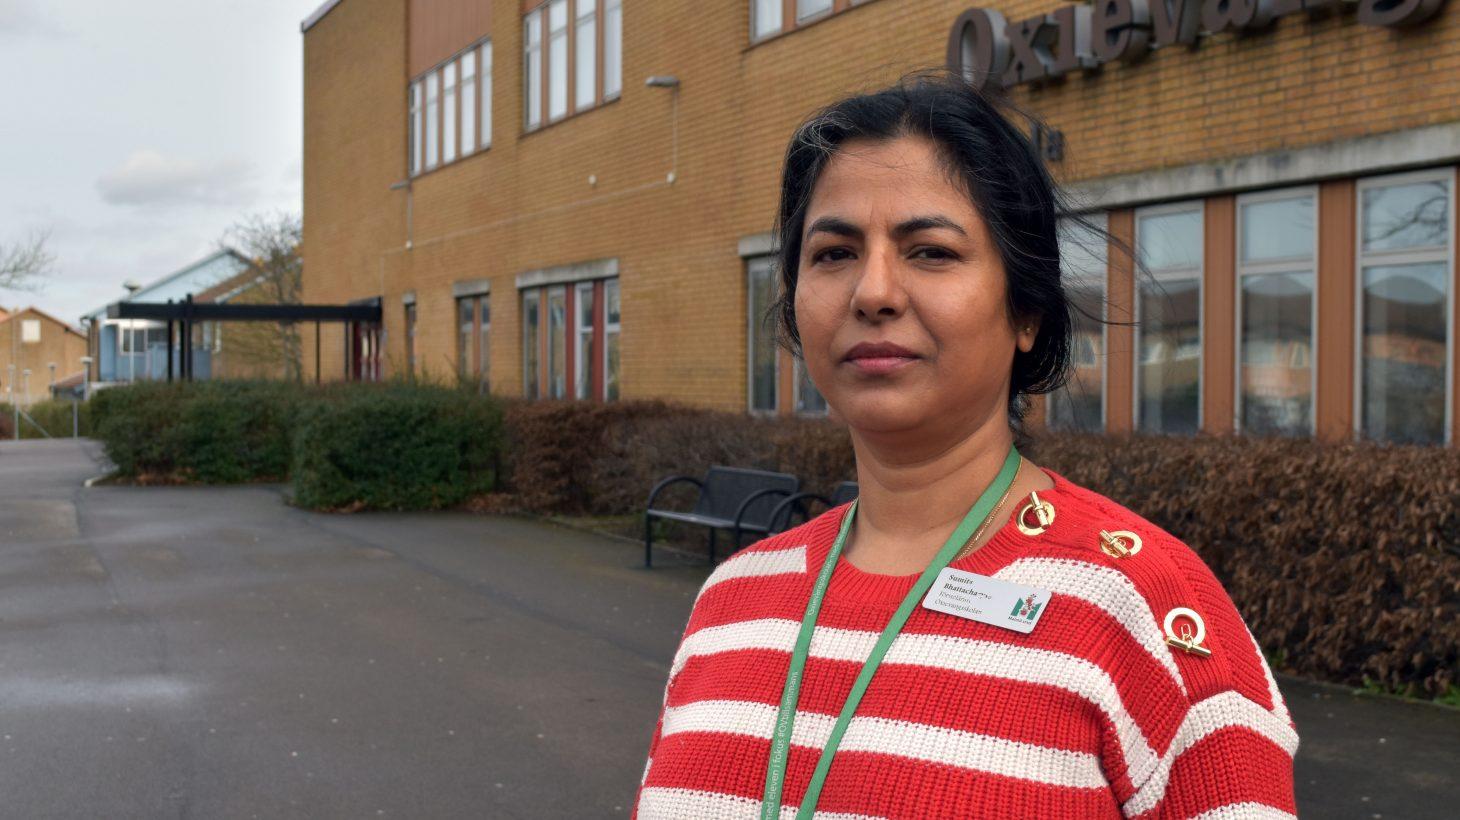 Sumita Bhattacharyya, förstelärare i matematik och programmering på Oxievångsskolan.